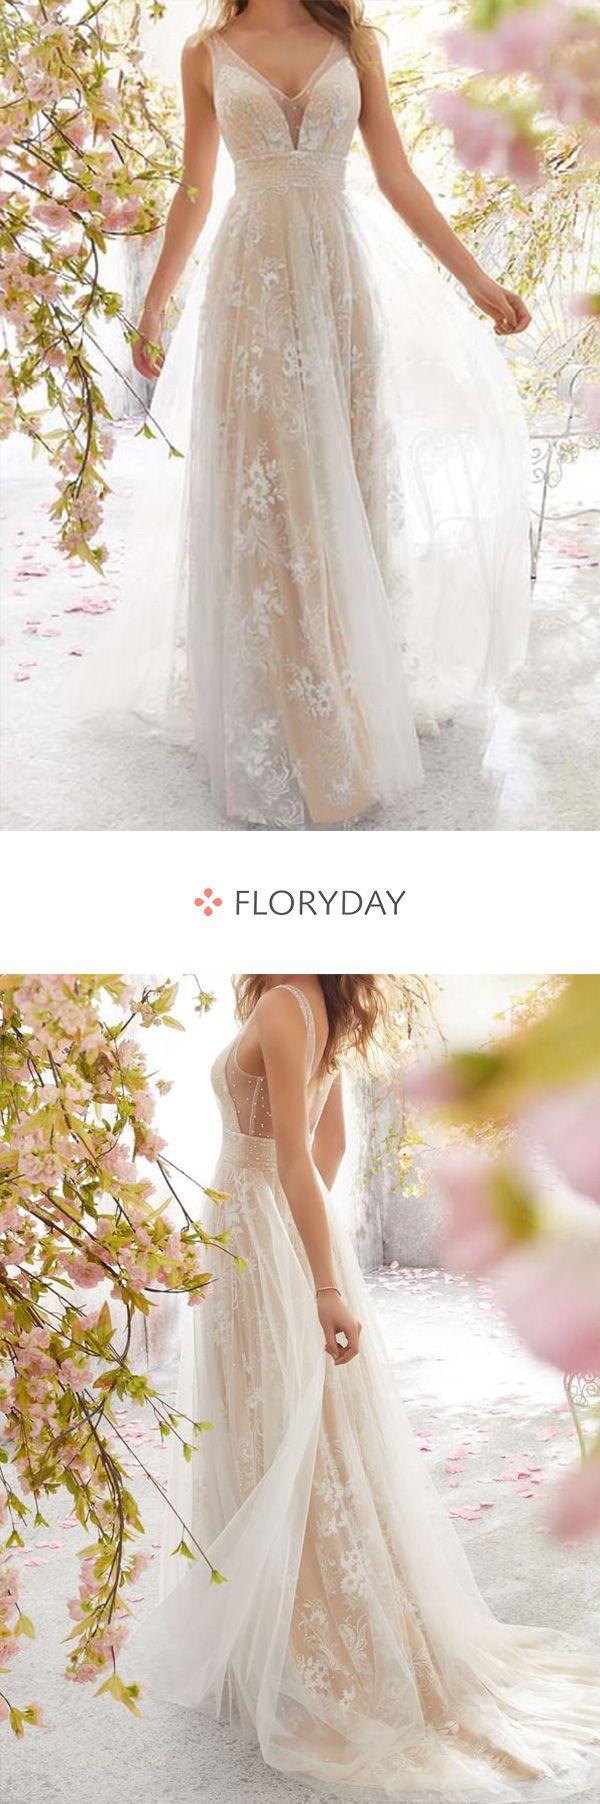 Ärmelloses Maxi-Kleid in X-Linie mit Blumen-Spitze